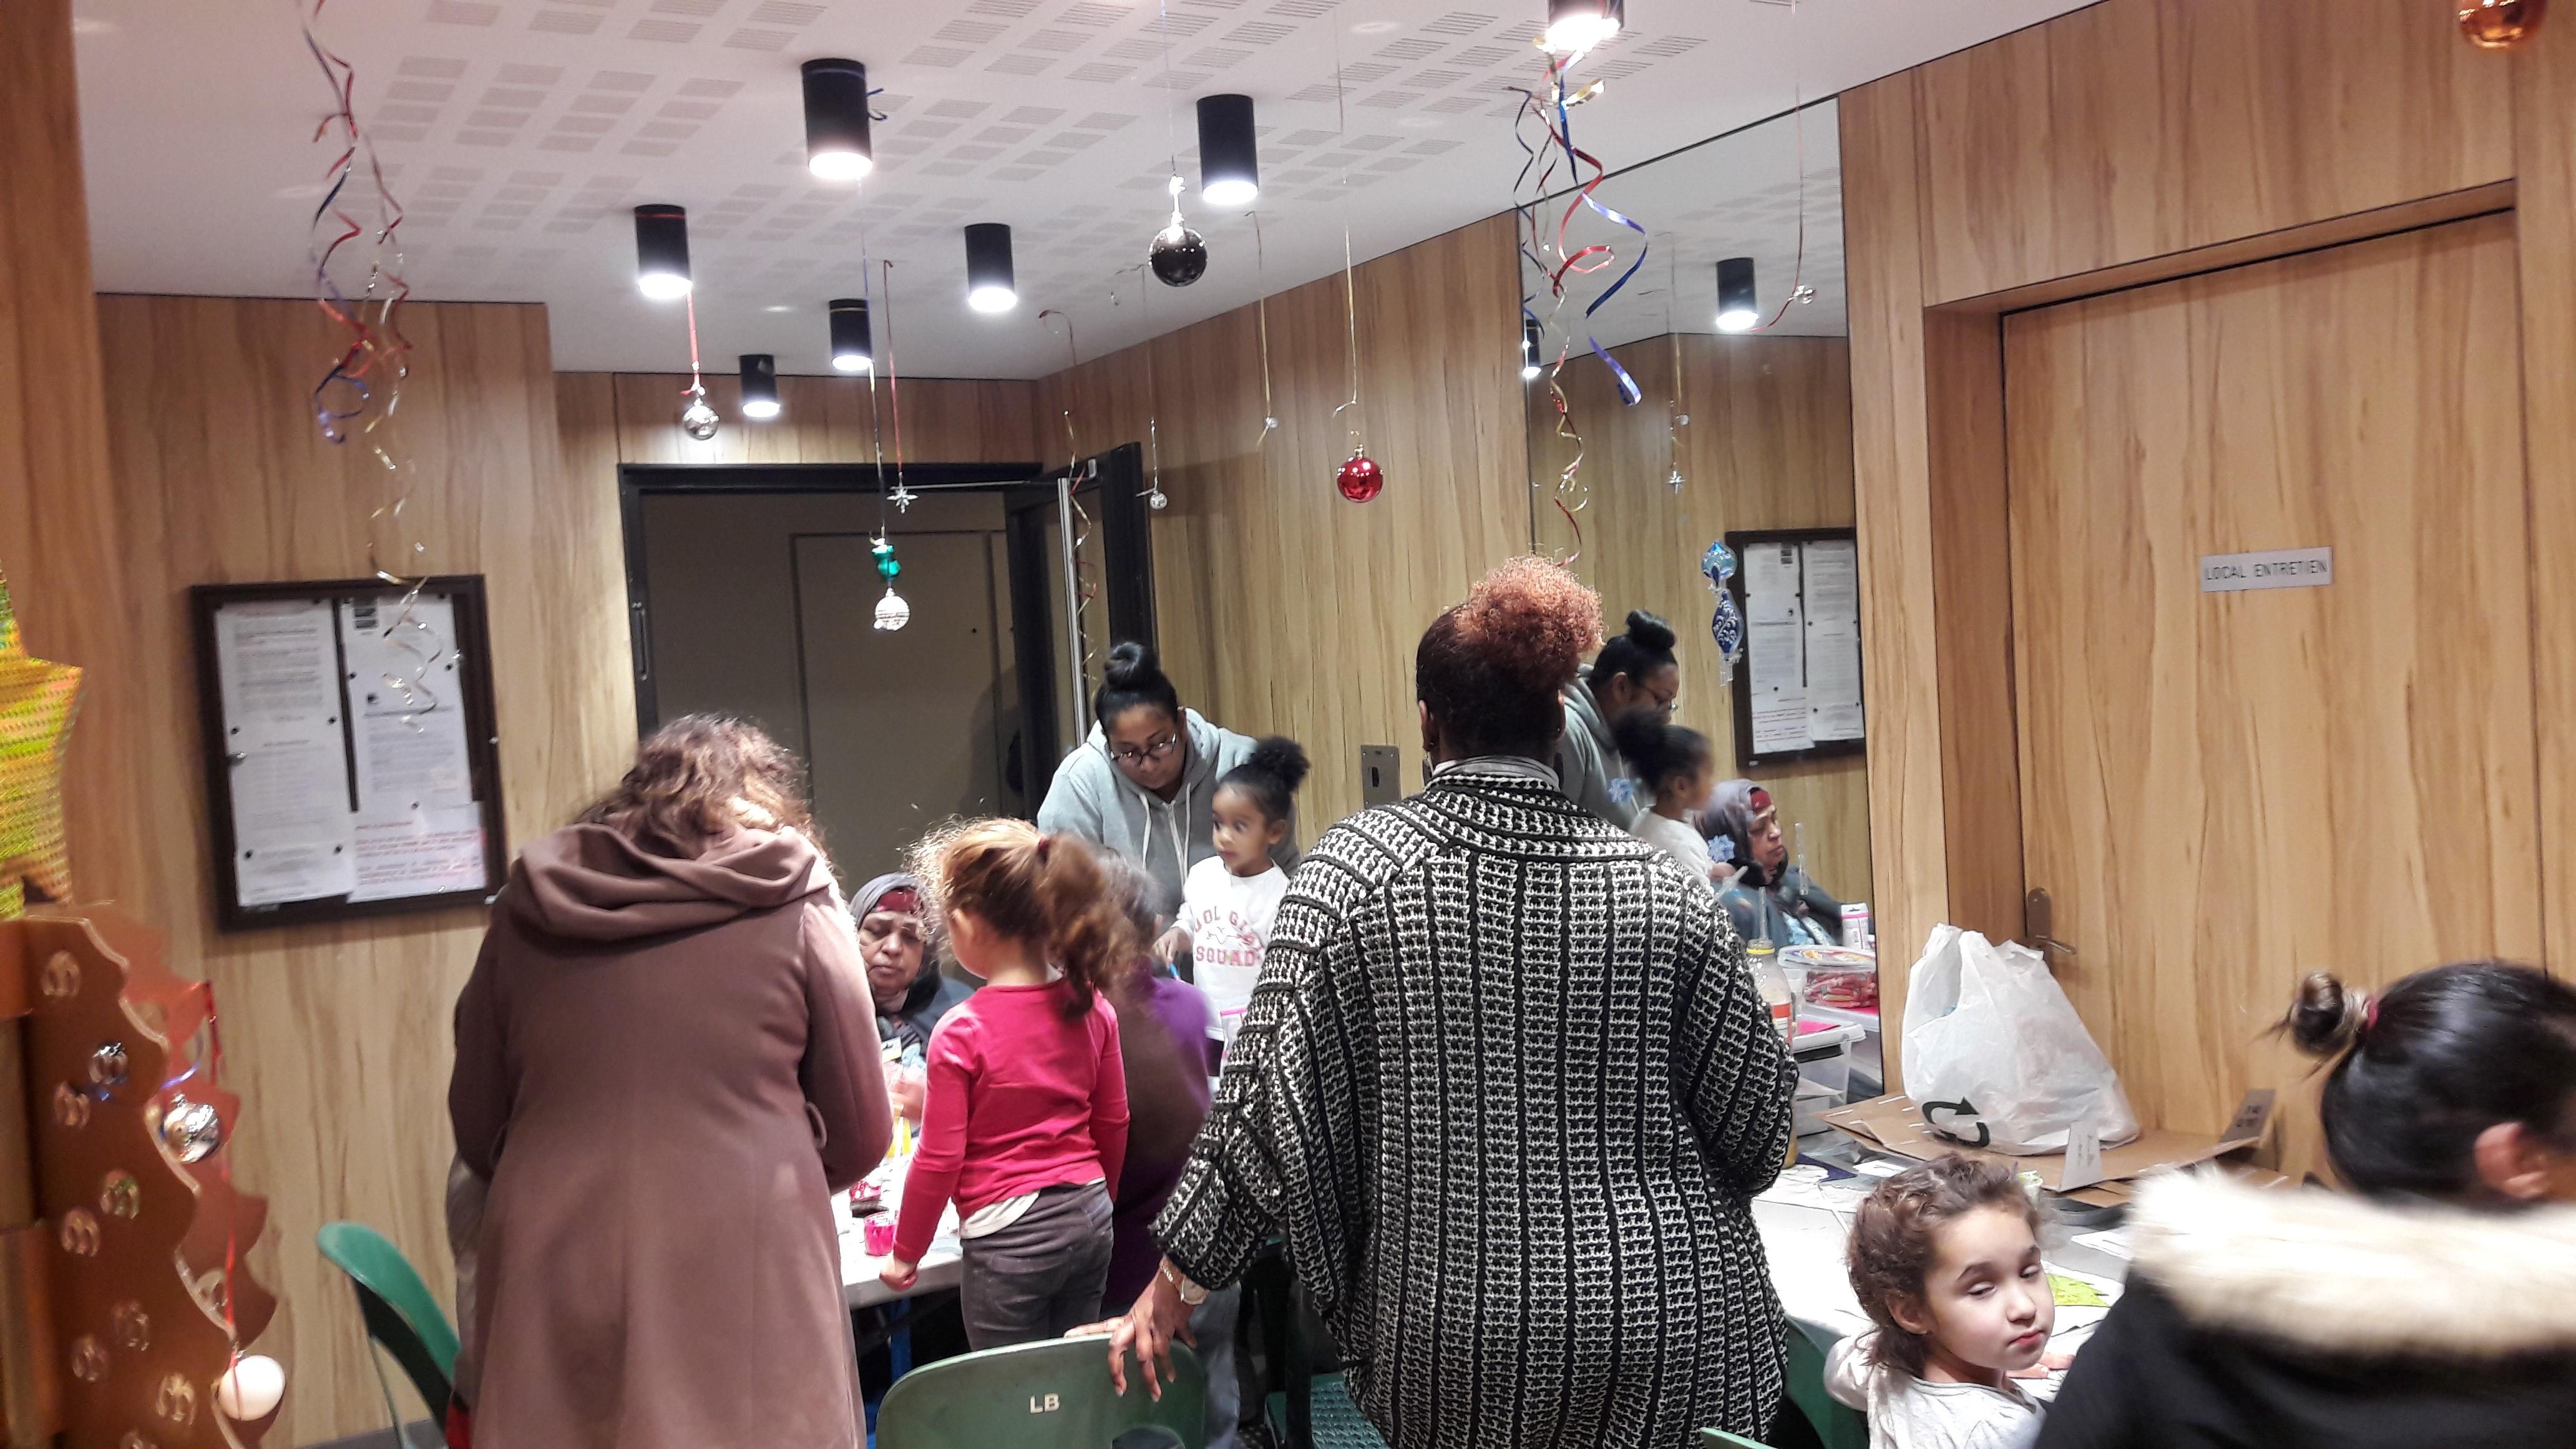 Noël 2018 au quartier Pasteur